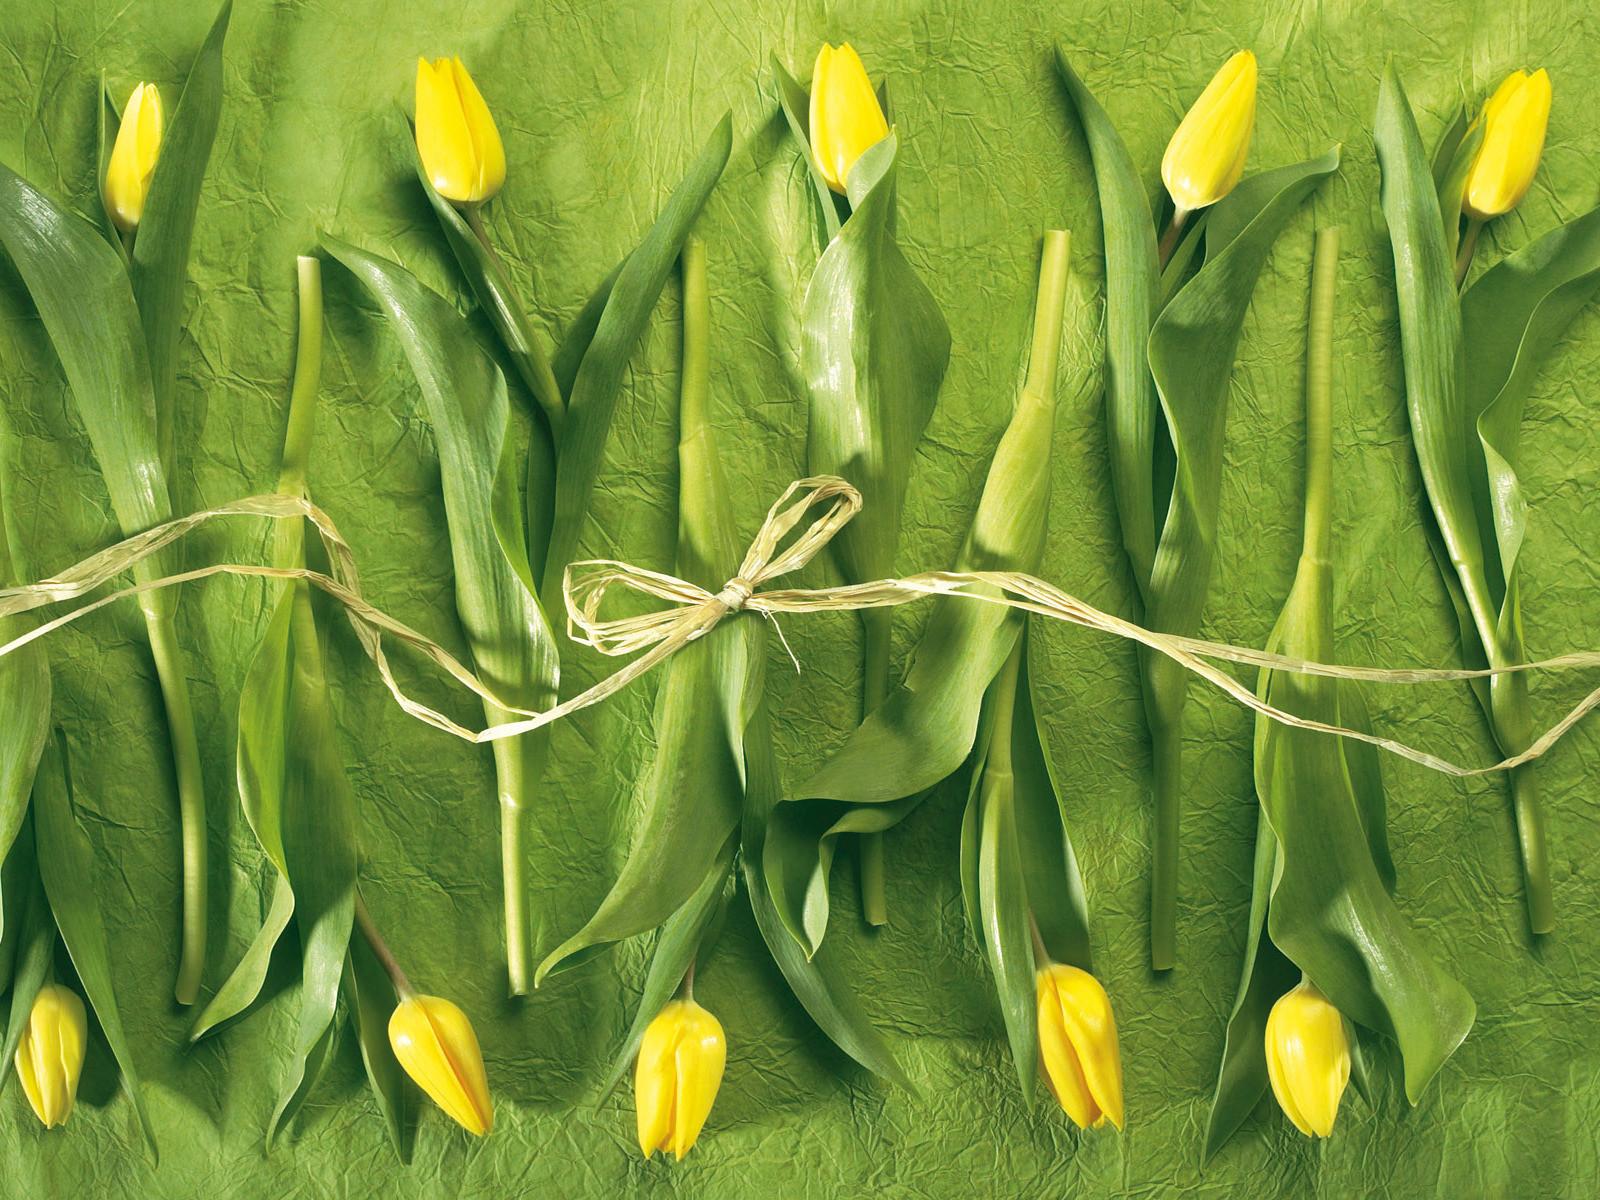 Фото цветов желтого с зеленым